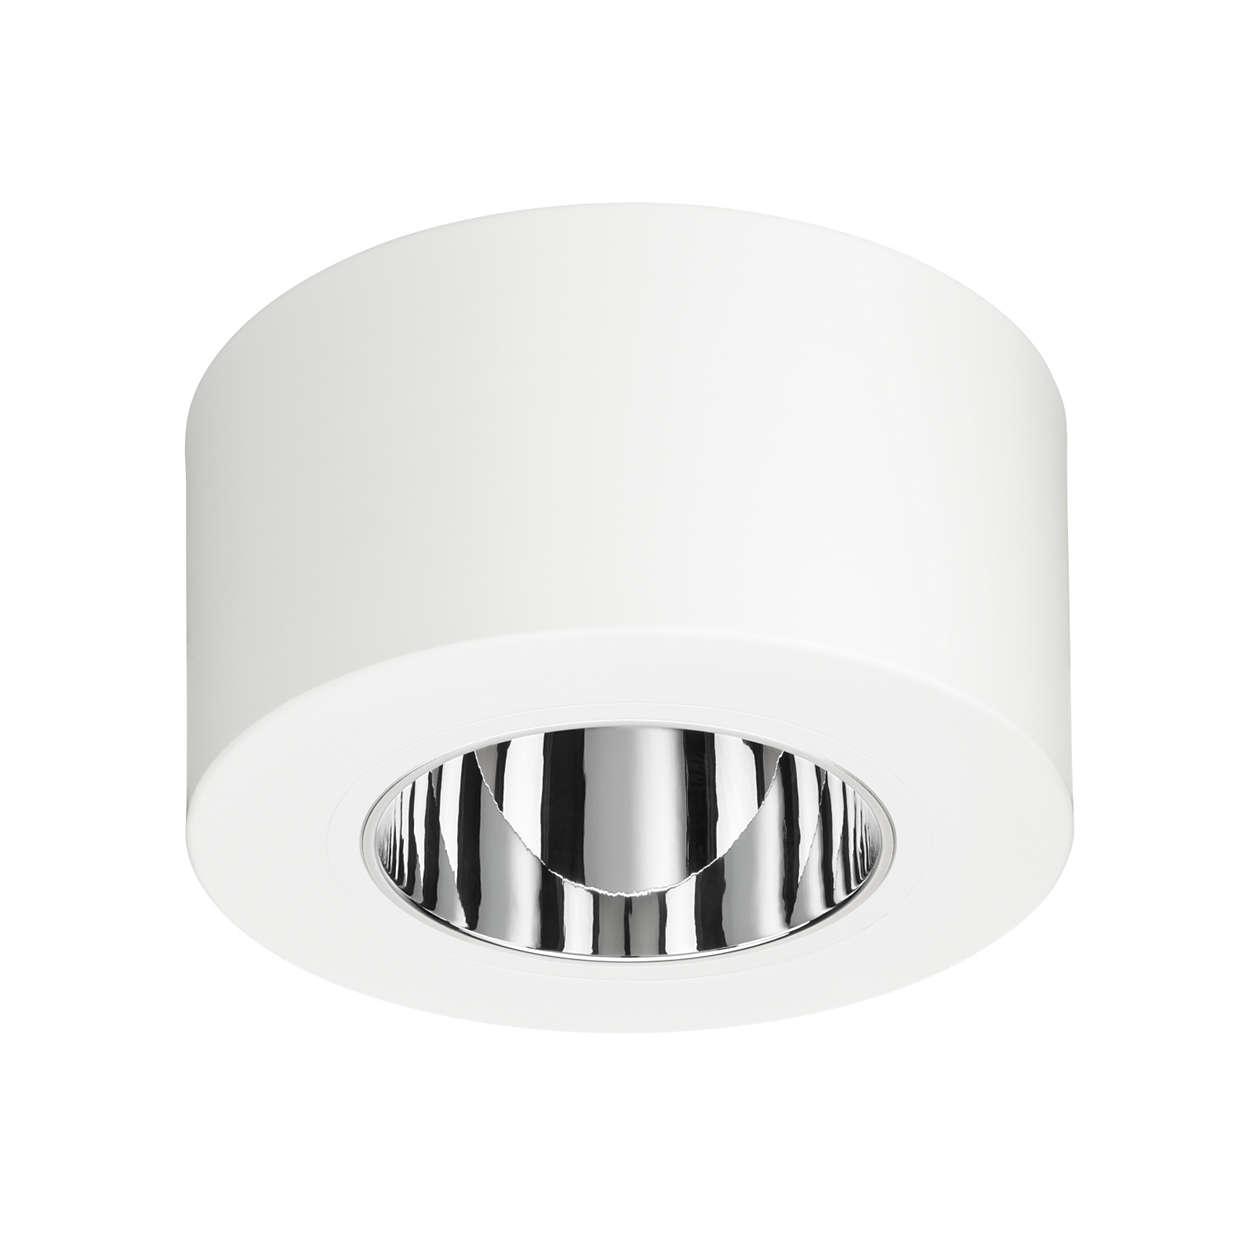 LuxSpace, versión adosada: alta eficiencia, comodidad visual y elegante diseño